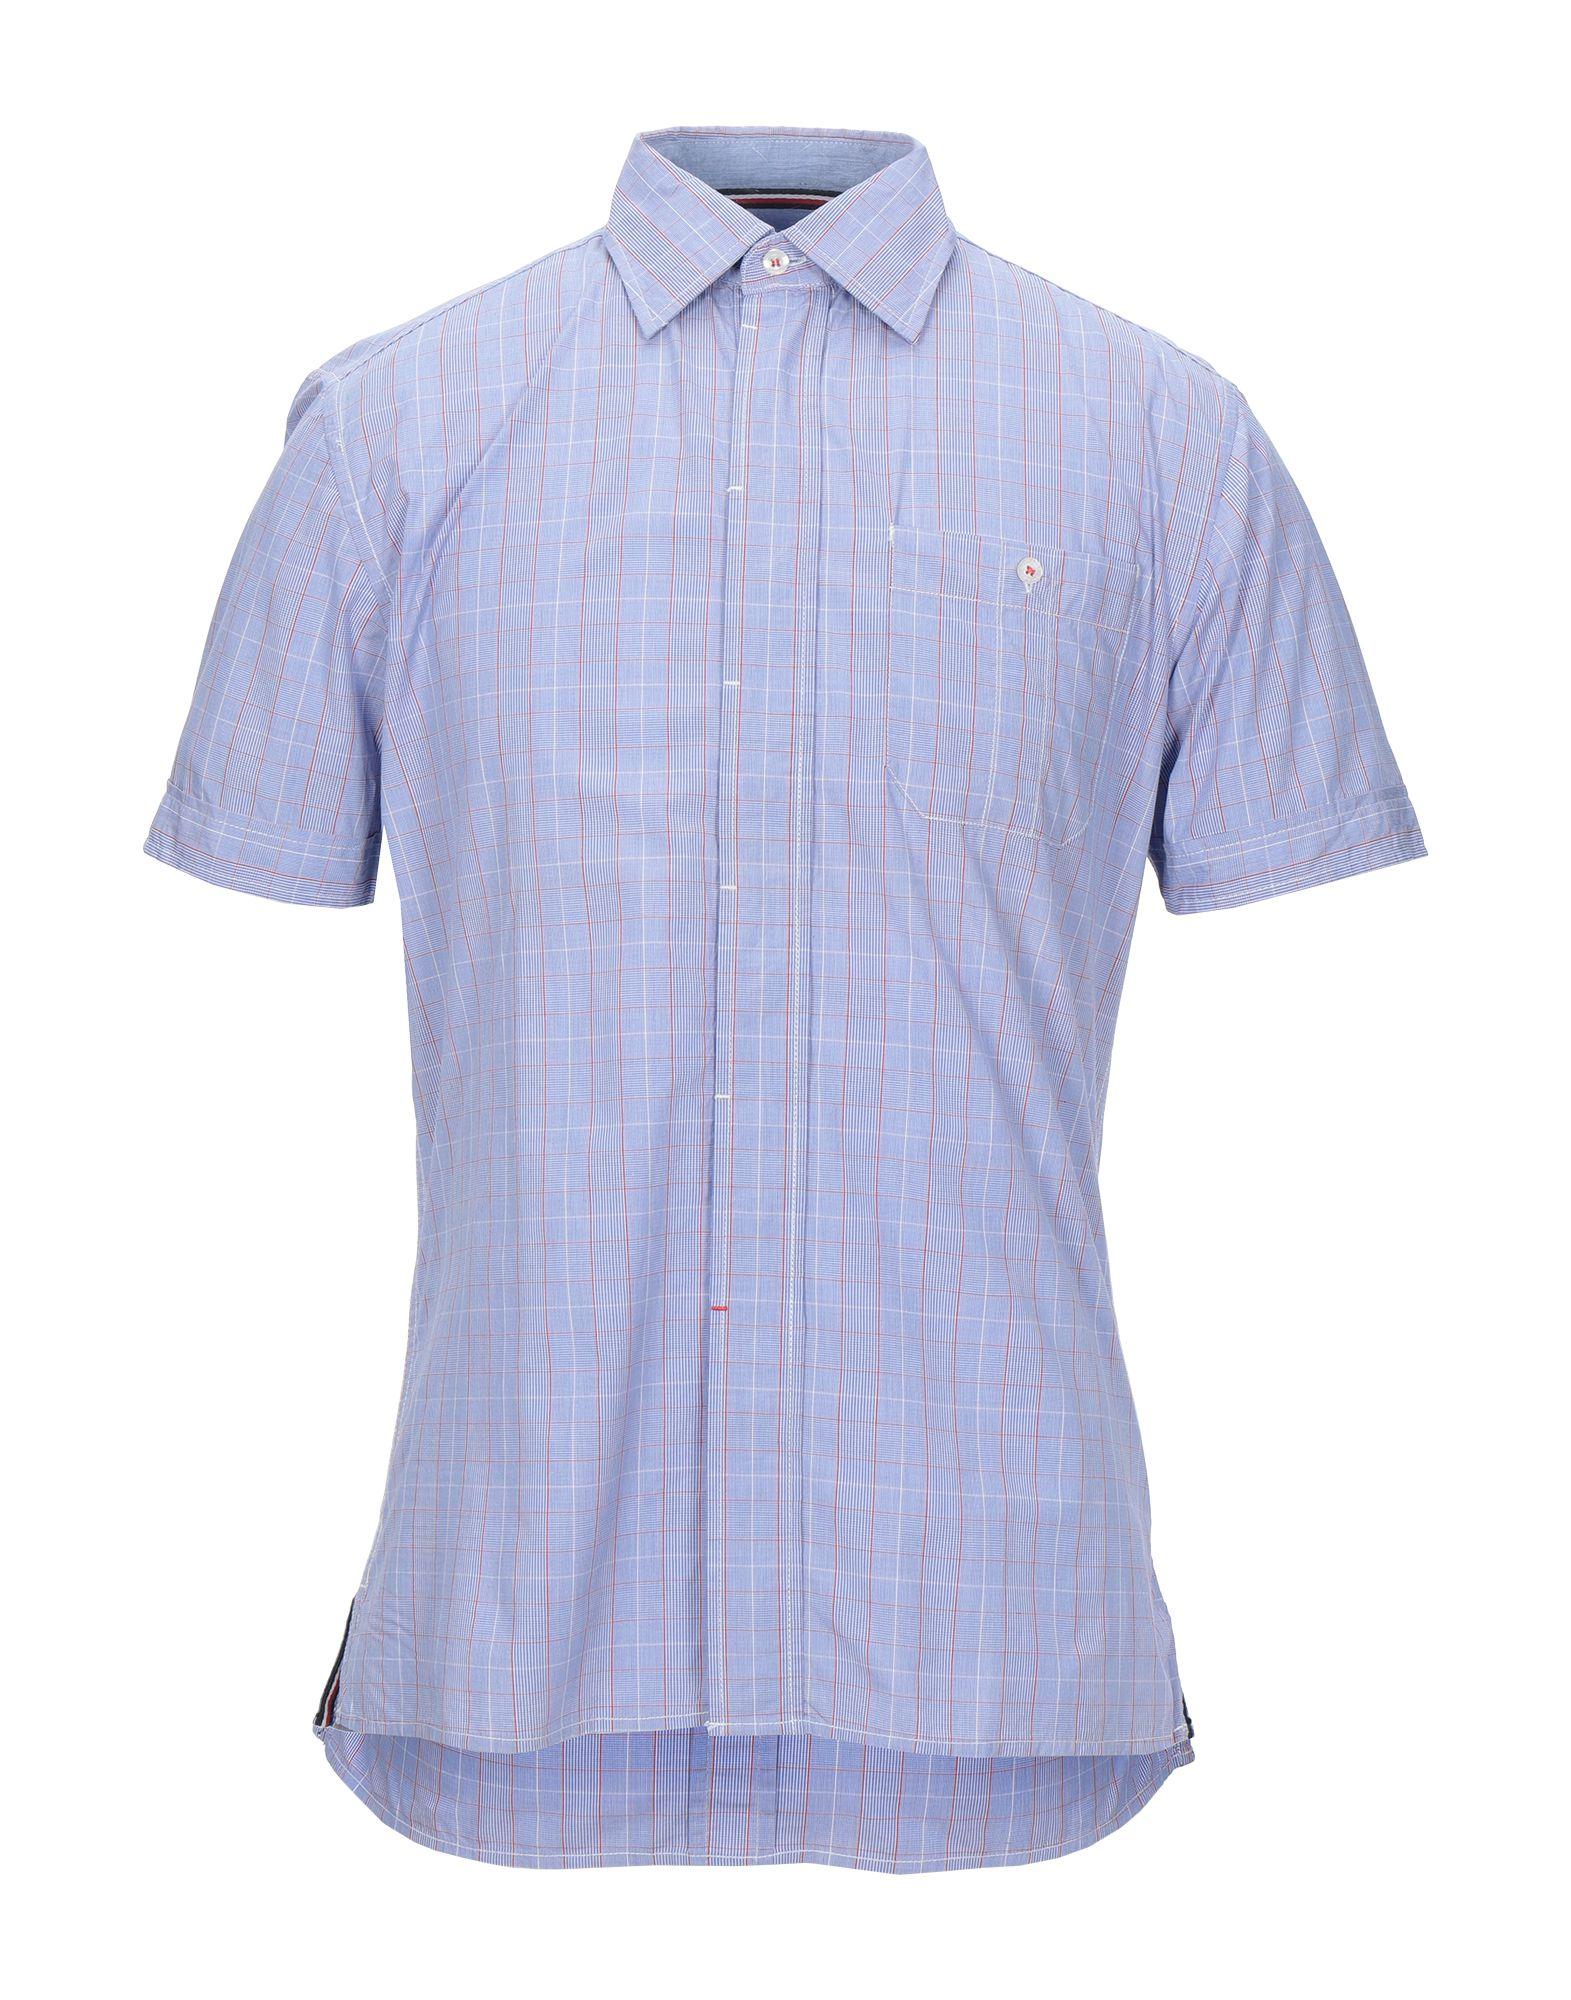 《セール開催中》BULL & BEAR メンズ シャツ アジュールブルー M コットン 100%